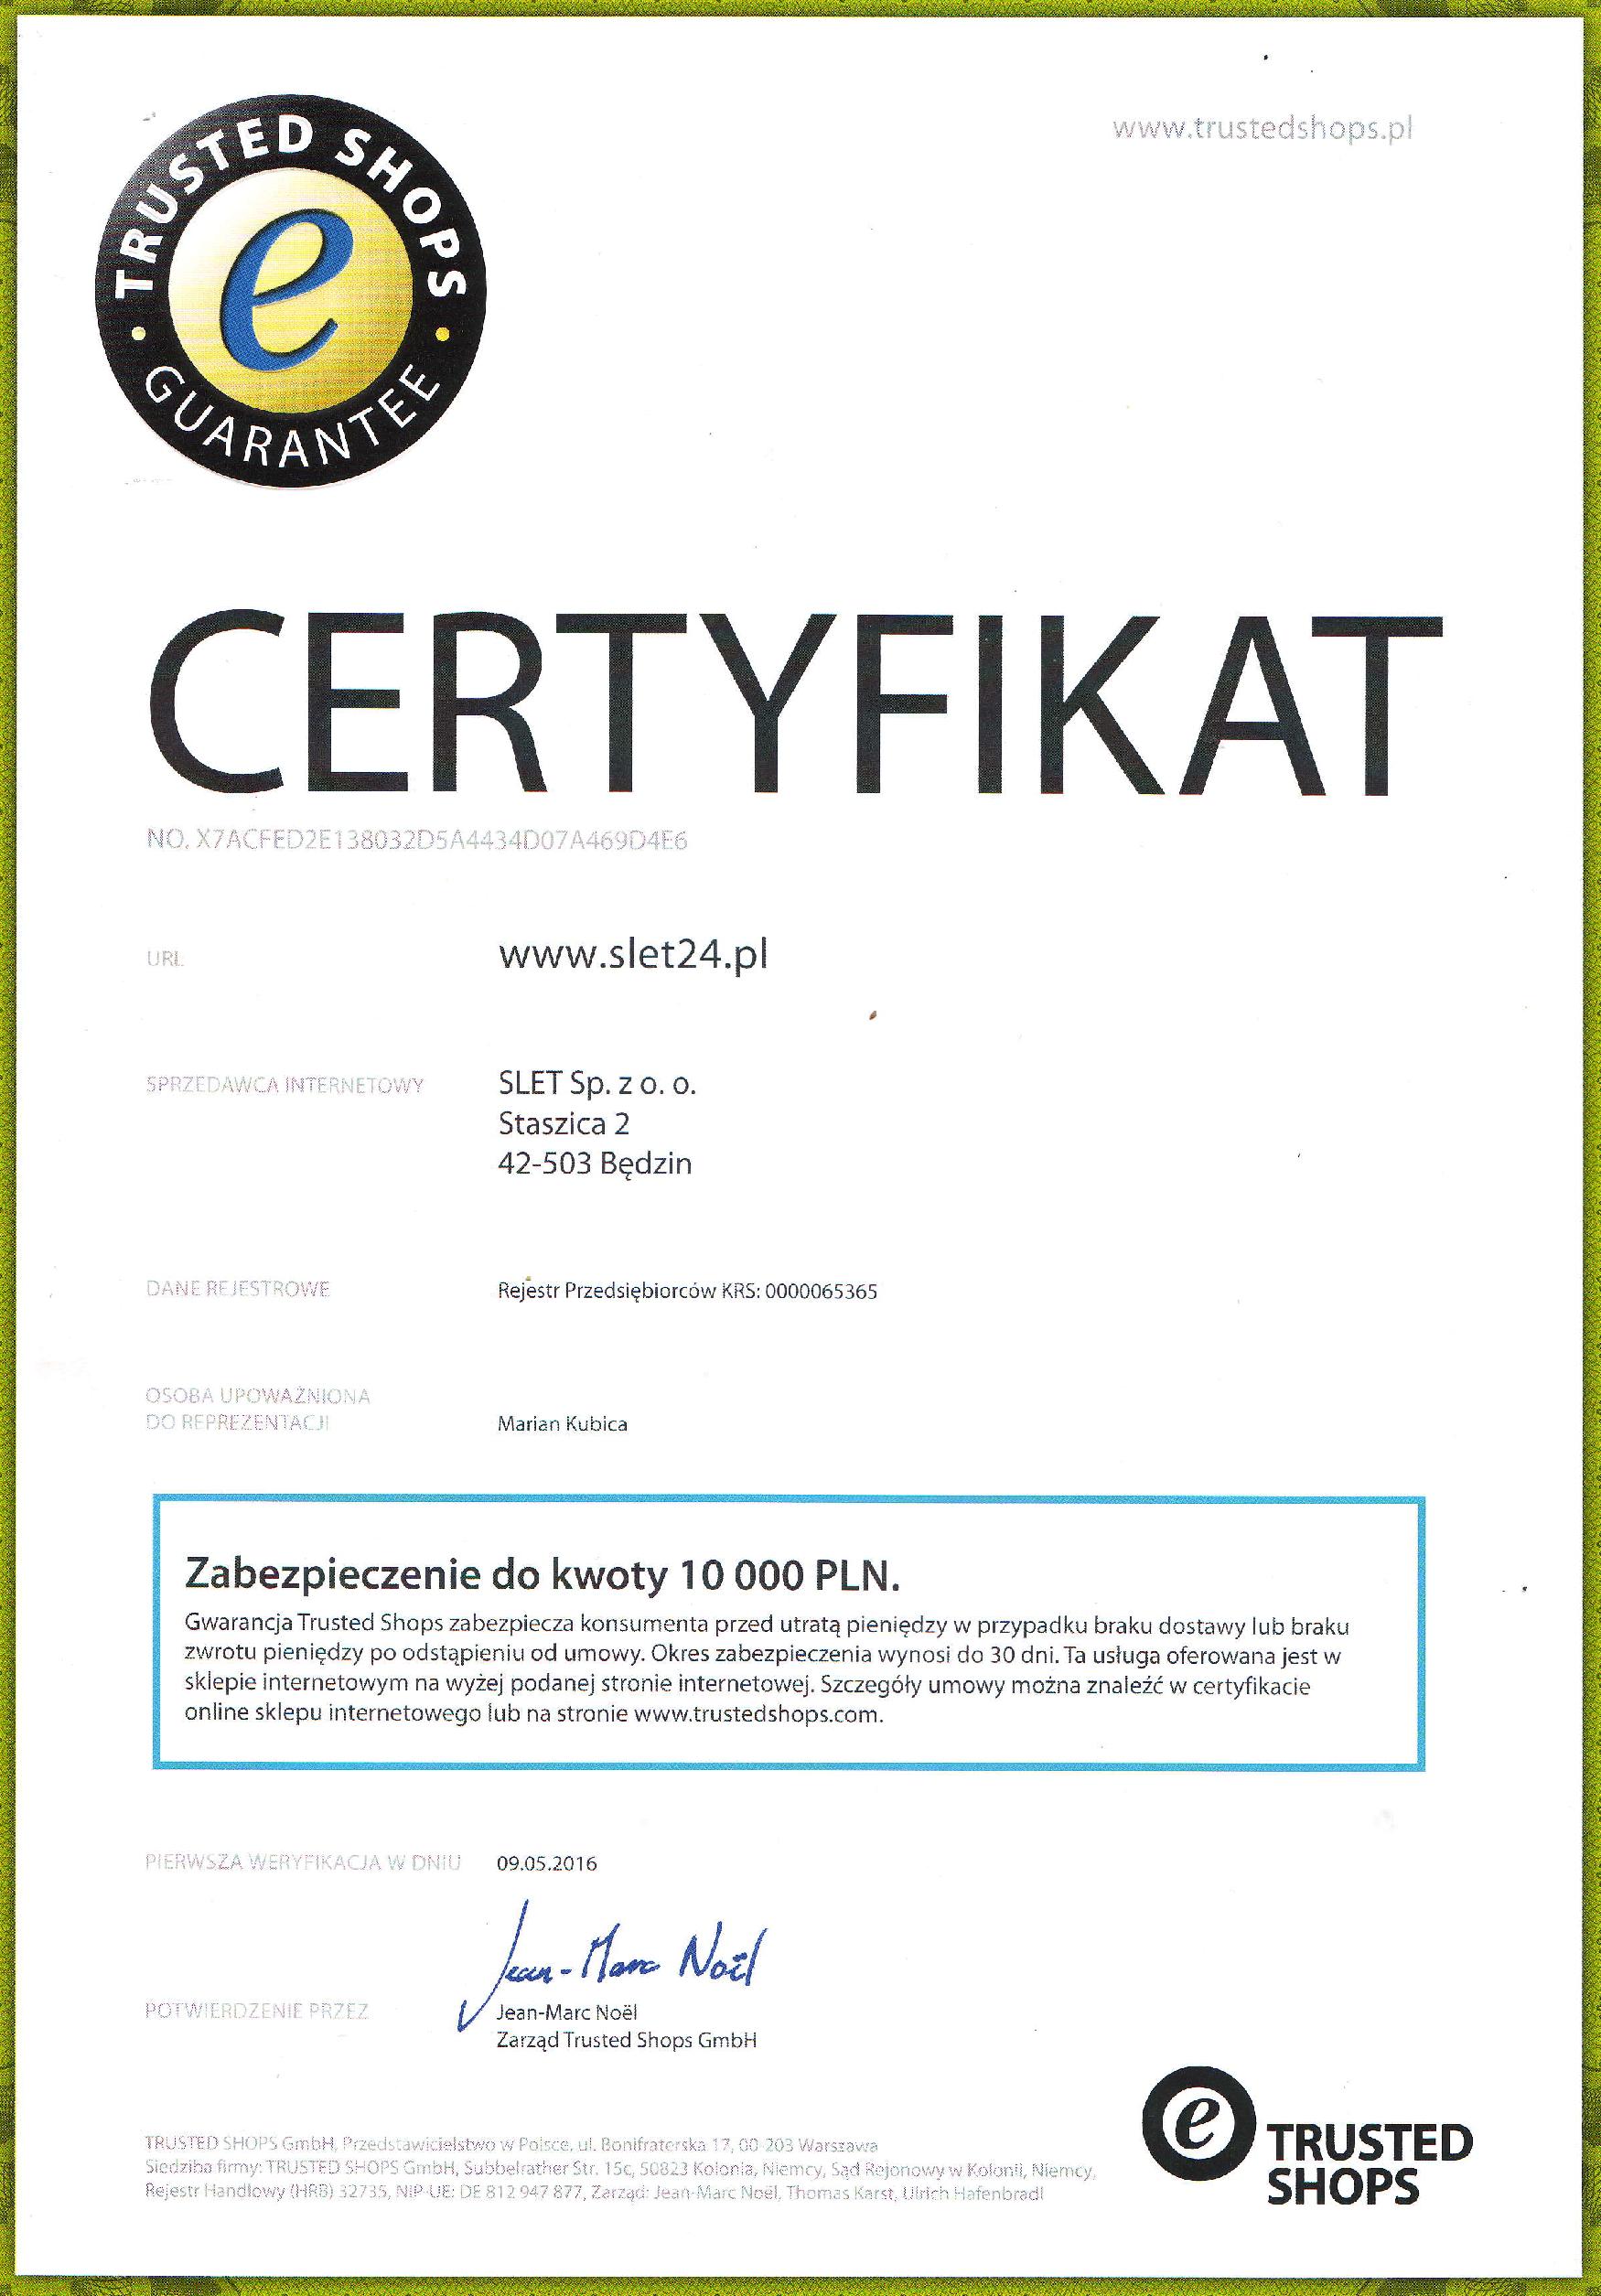 certyfikat_slet24.png